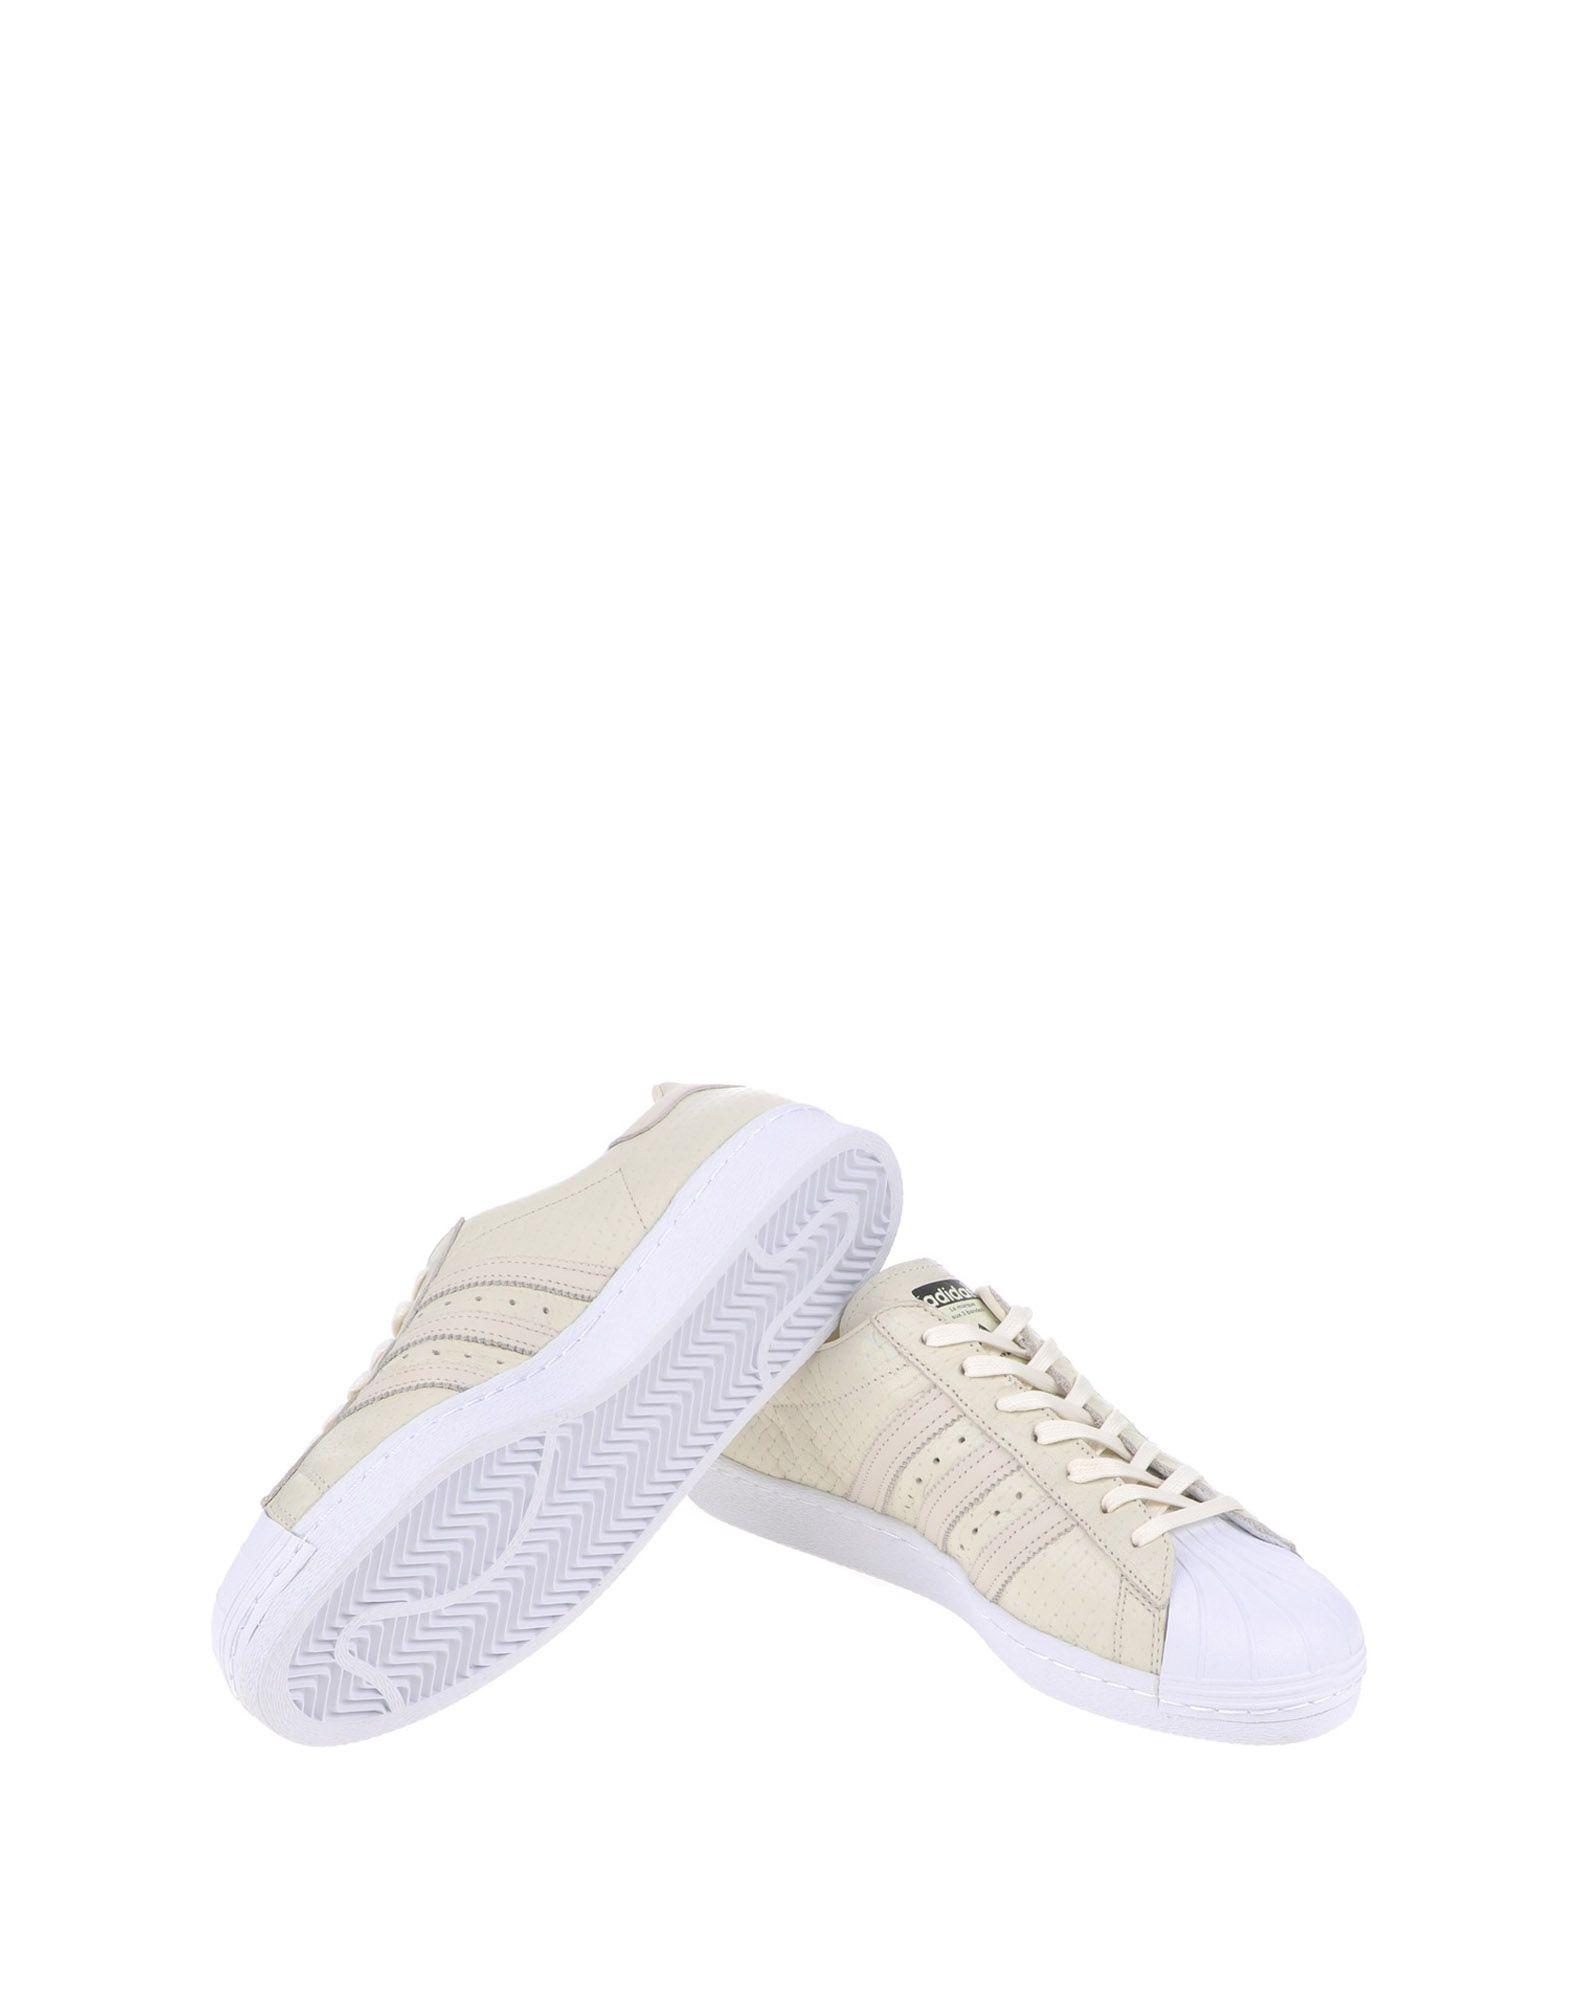 Sneakers Adidas Originals Superstar 80S Woven - Homme - Sneakers Adidas Originals sur